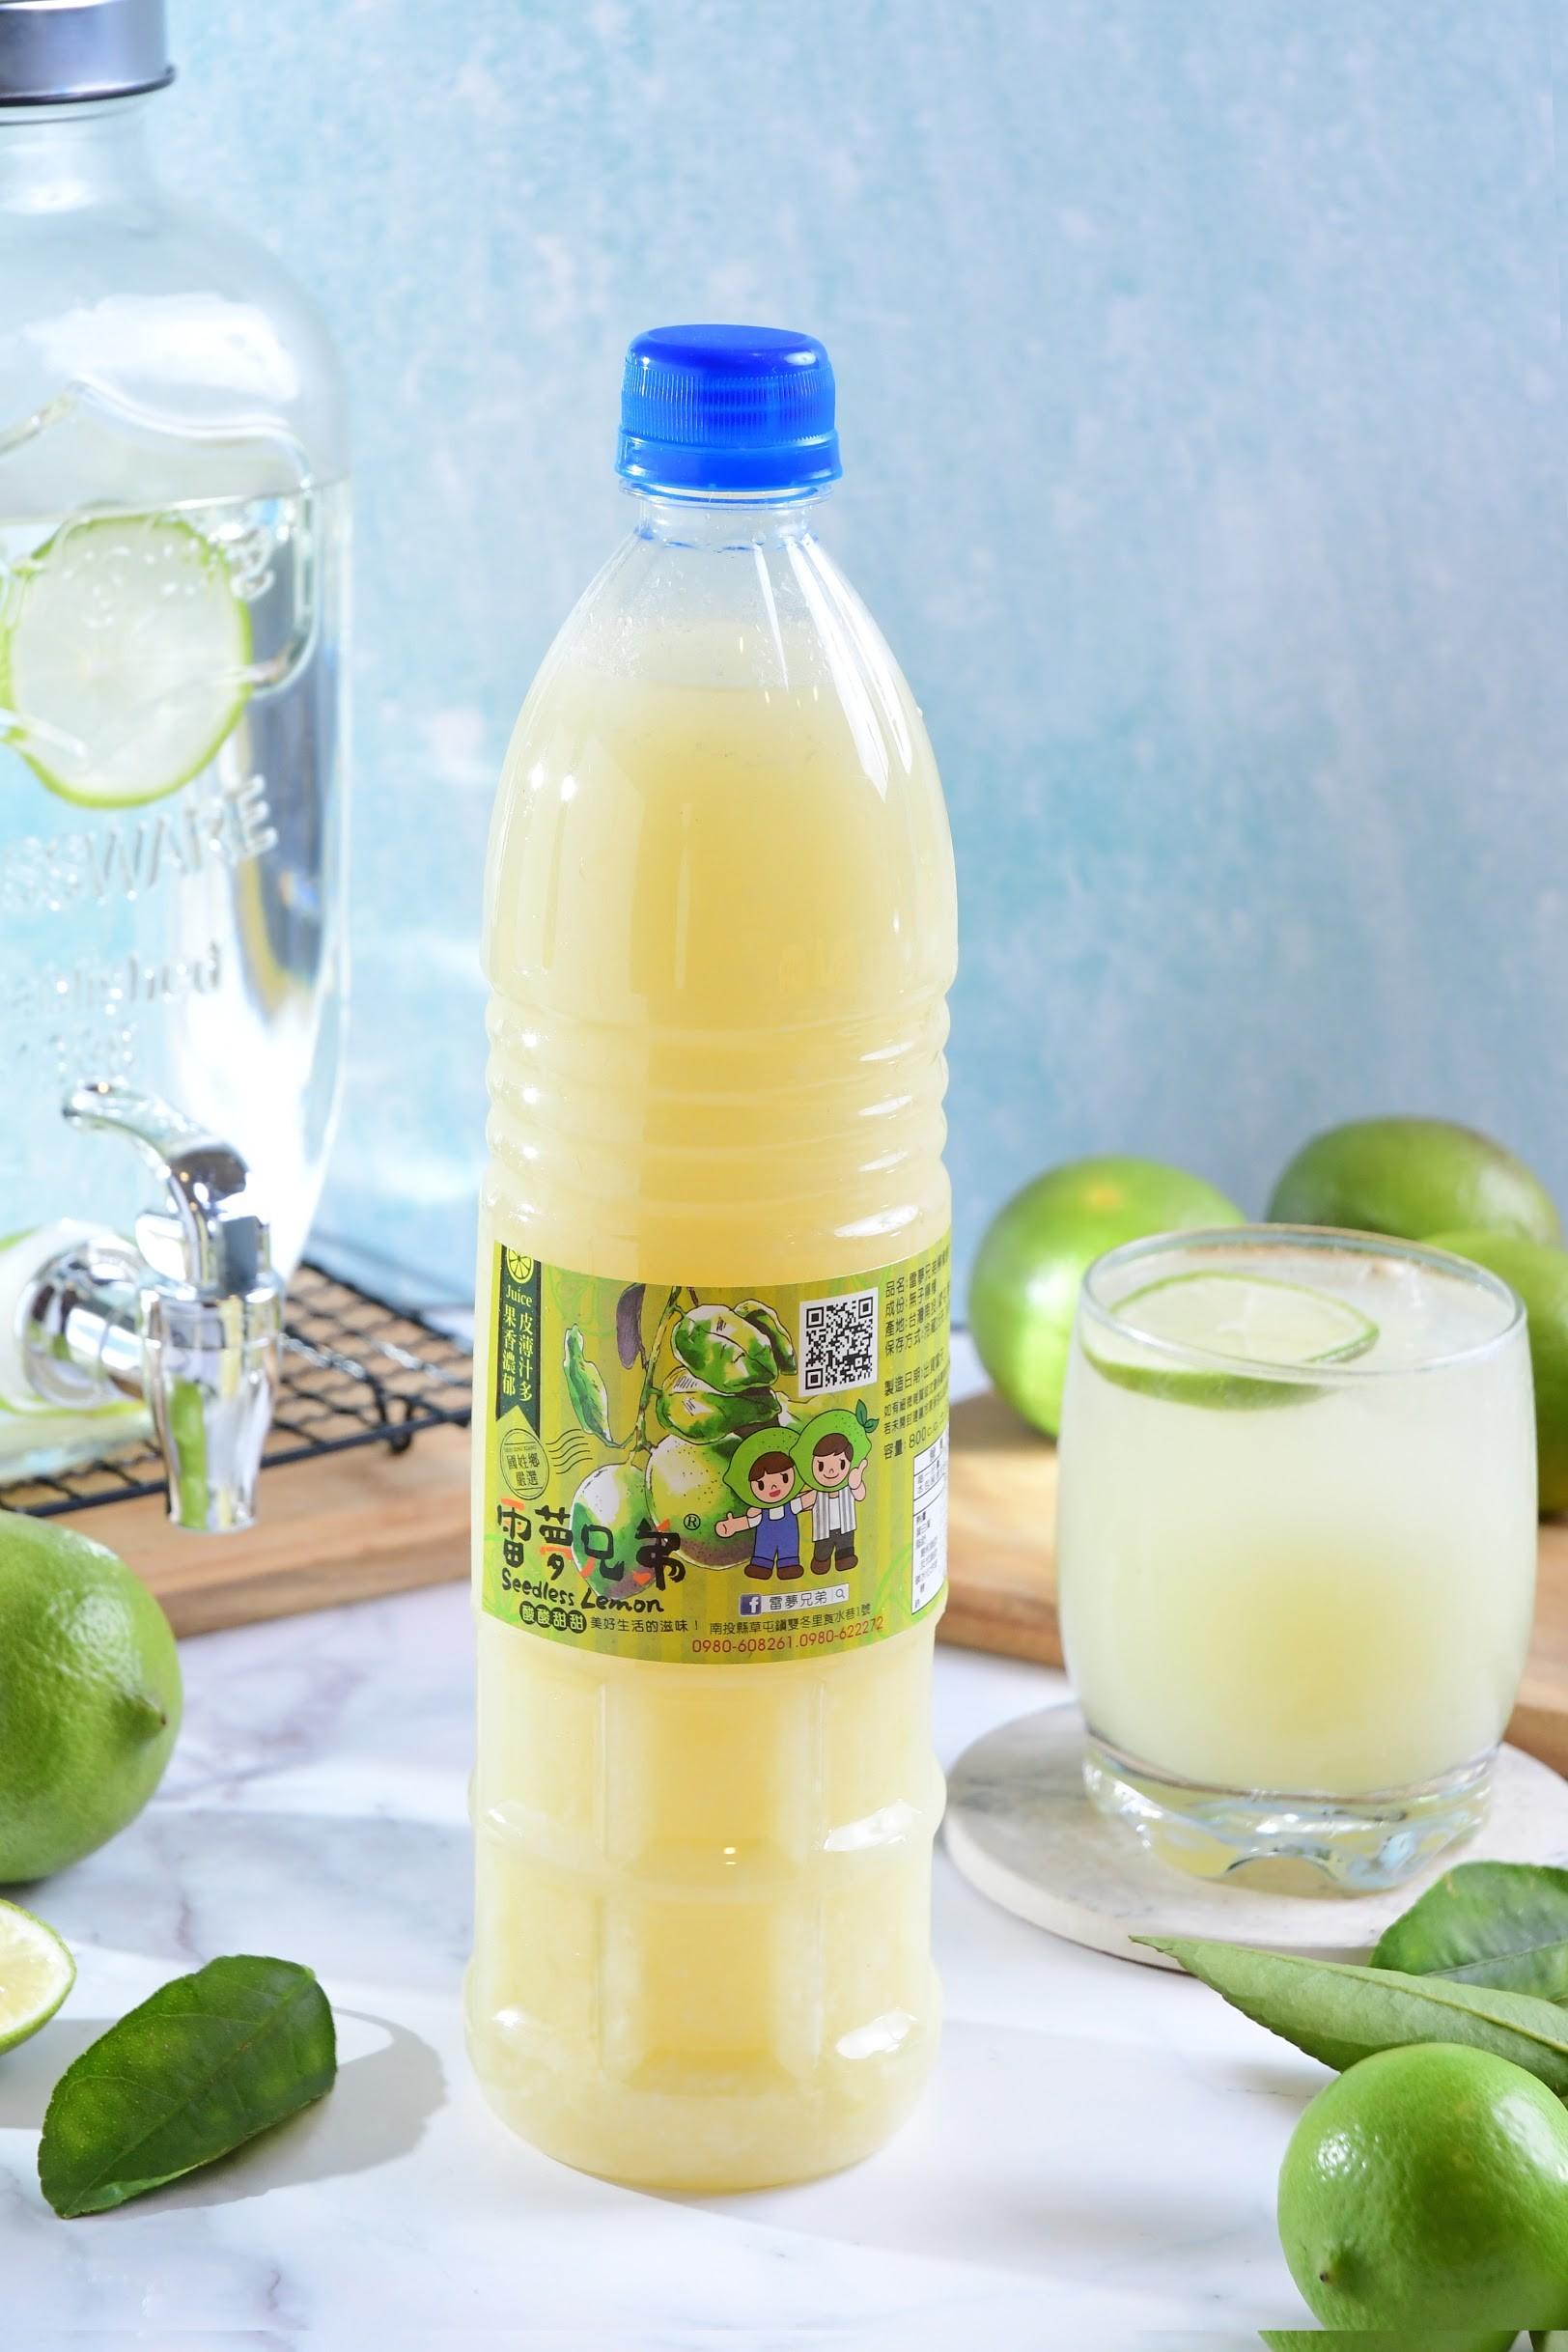 感恩回饋結帳輸入折扣碼「IU205AQRTSRP」,在打【75】折-【免運費】特價無毒檸檬原汁 | 鮮檸檬汁 | 檸檬汁 | 檸檬水 | TLS全新生活800cc(15瓶)【塑膠瓶裝】